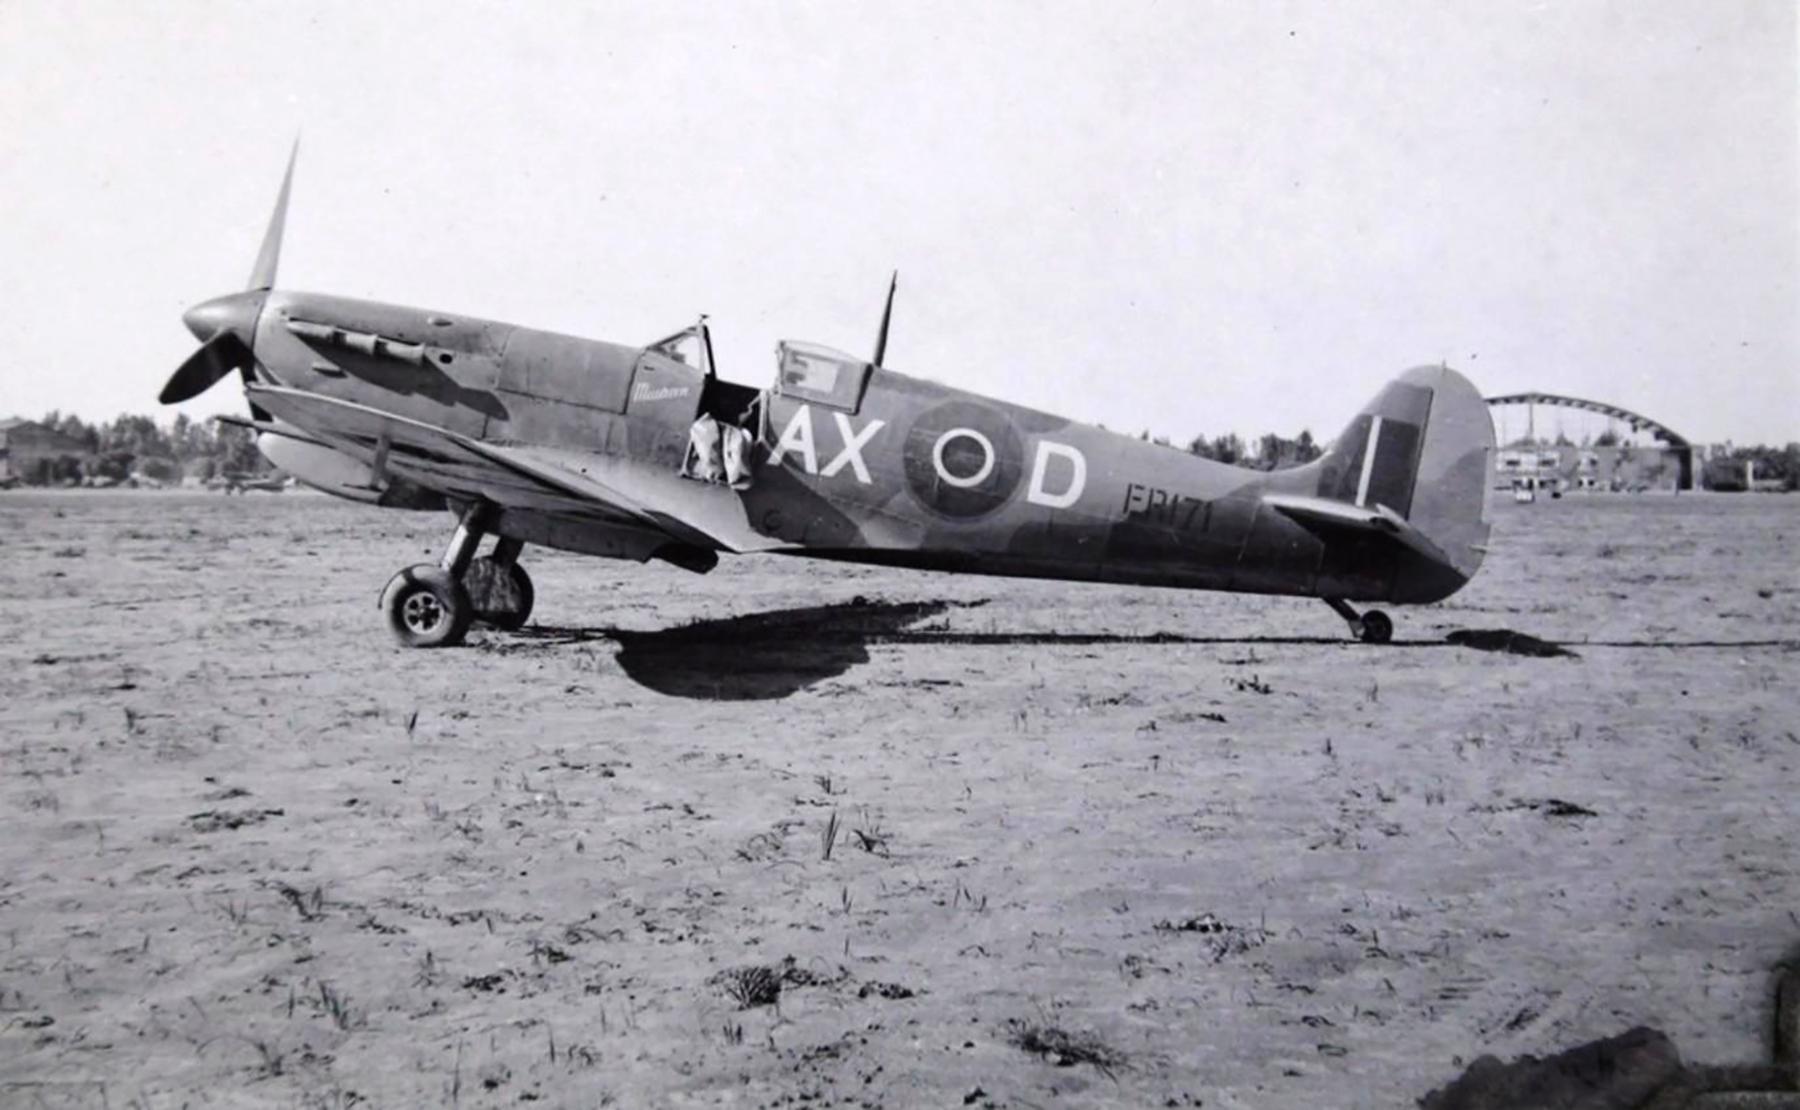 Spitfire MkVbTrop SAAF 1Sqn AXD ER171 Goubrine Tunisia 1943 01